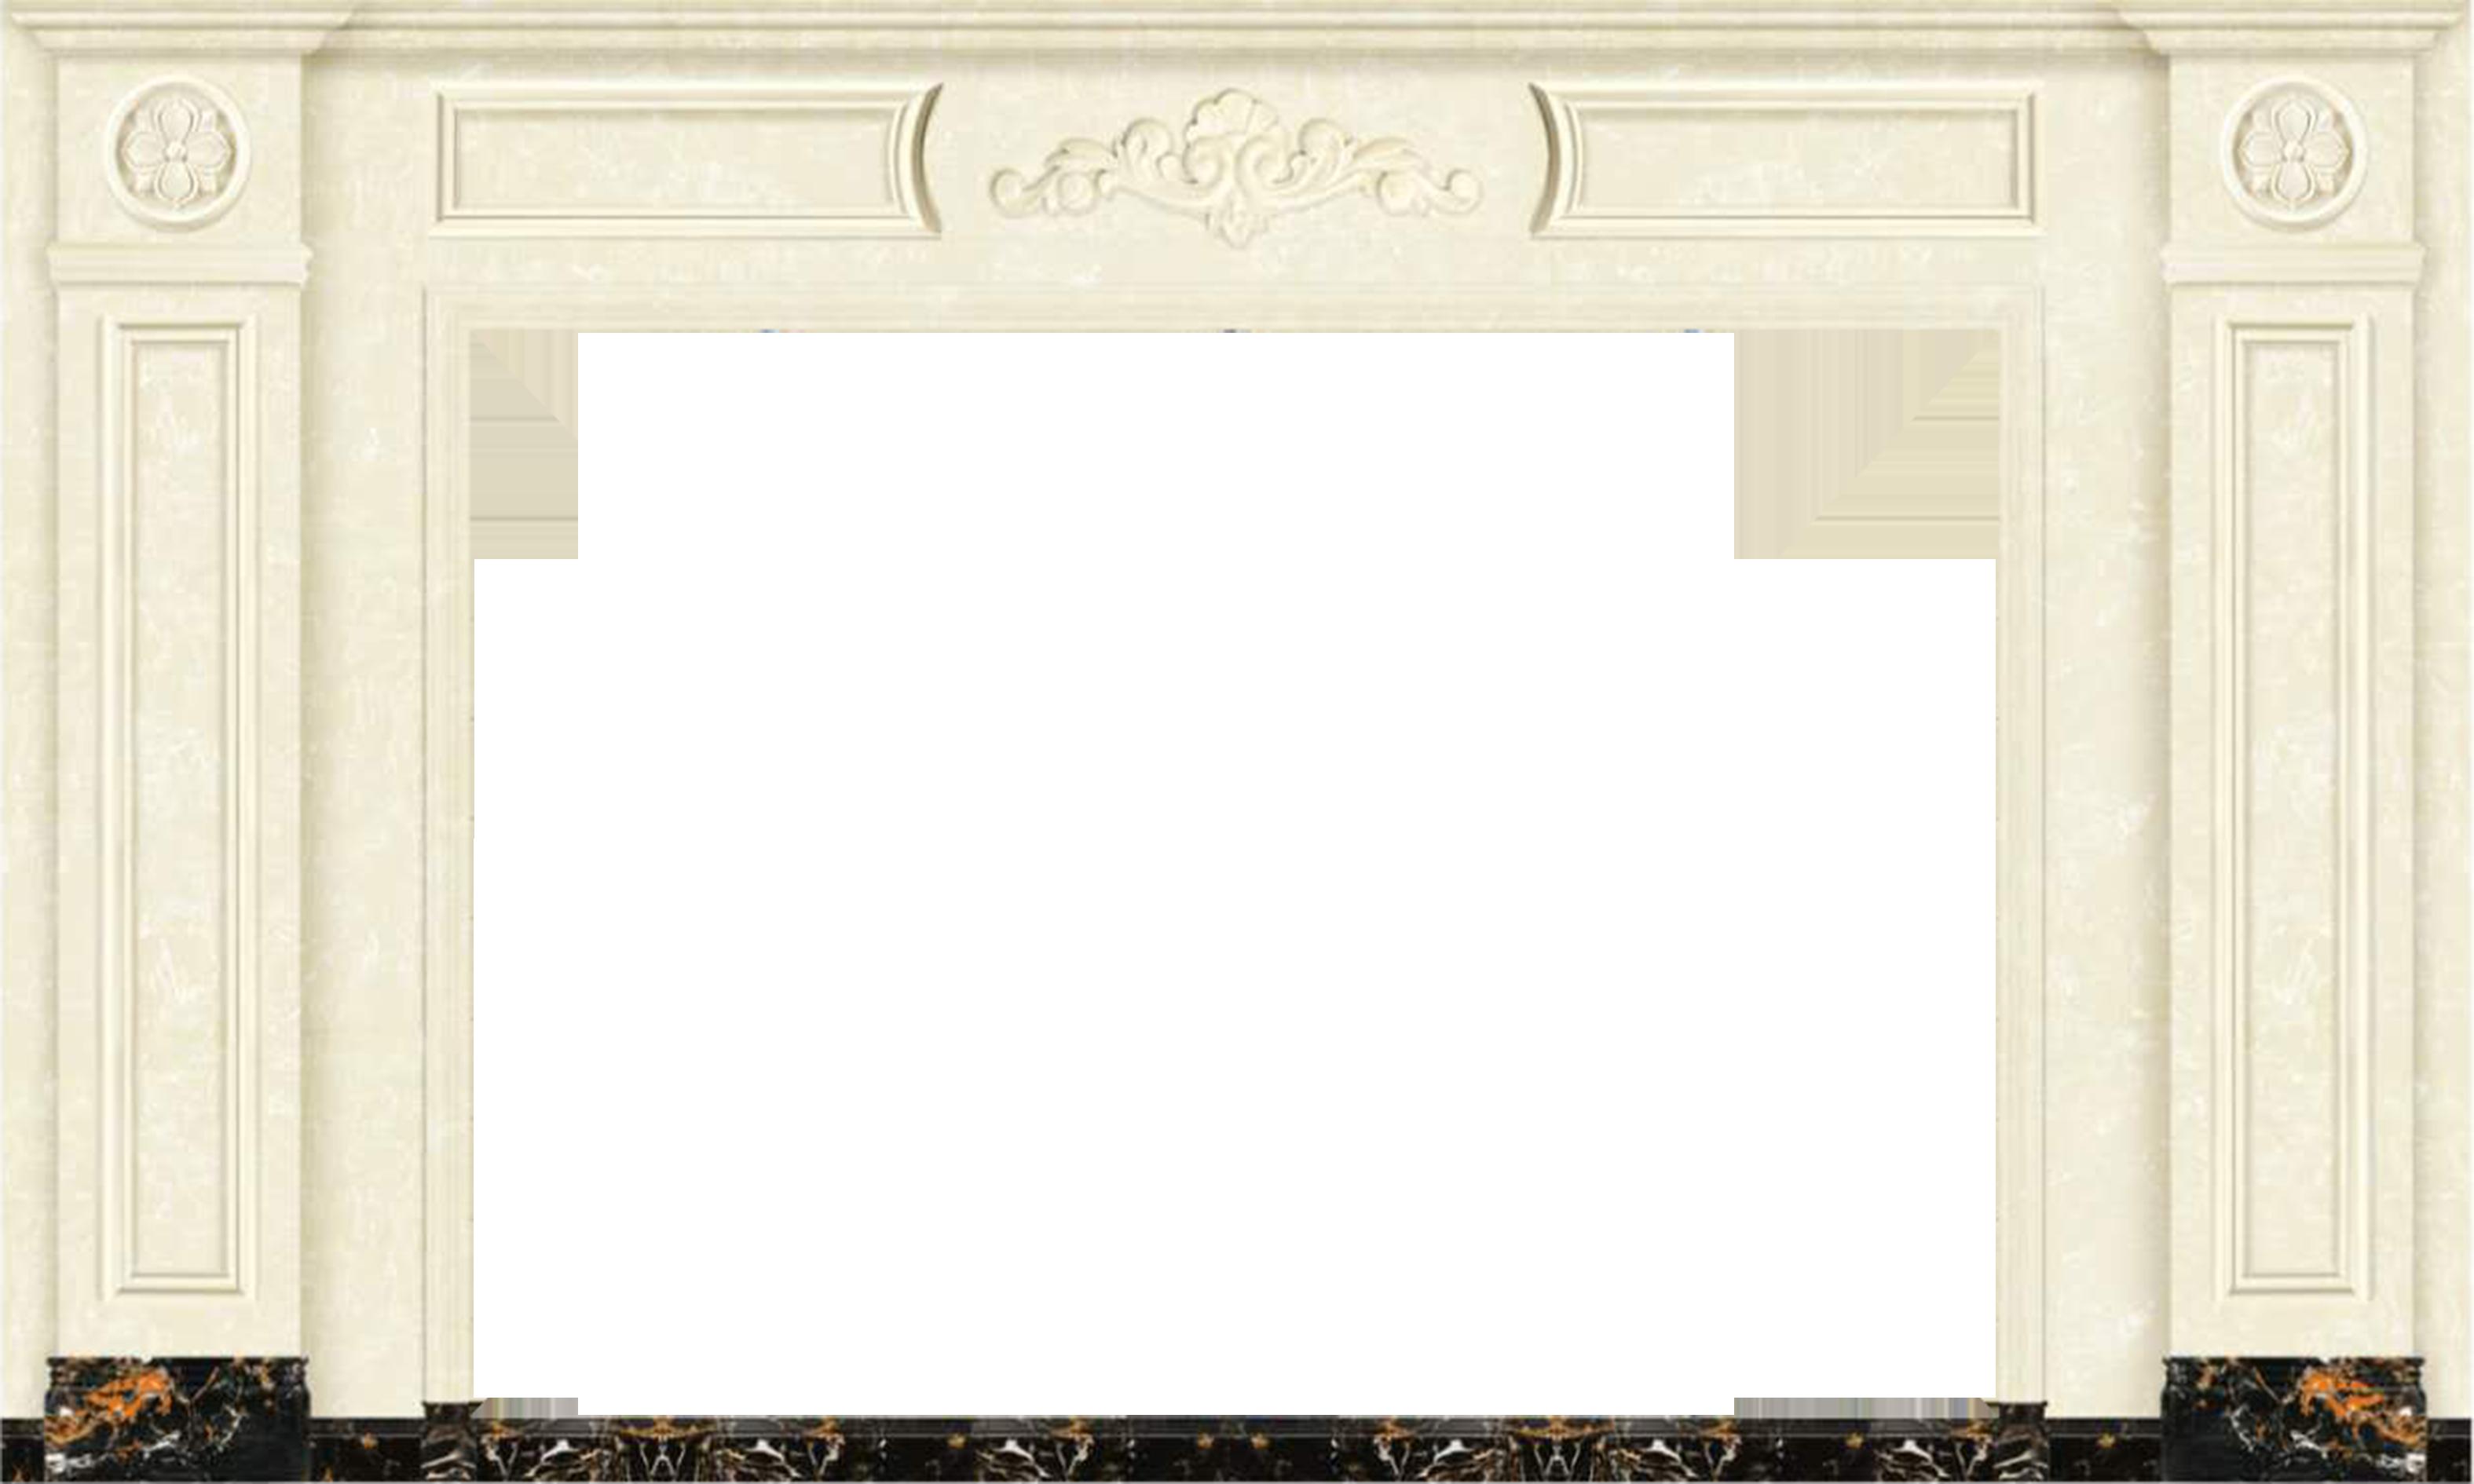 商品价格: 面议 类型:瓷砖配件 本店分类:罗马柱  规格:4600x